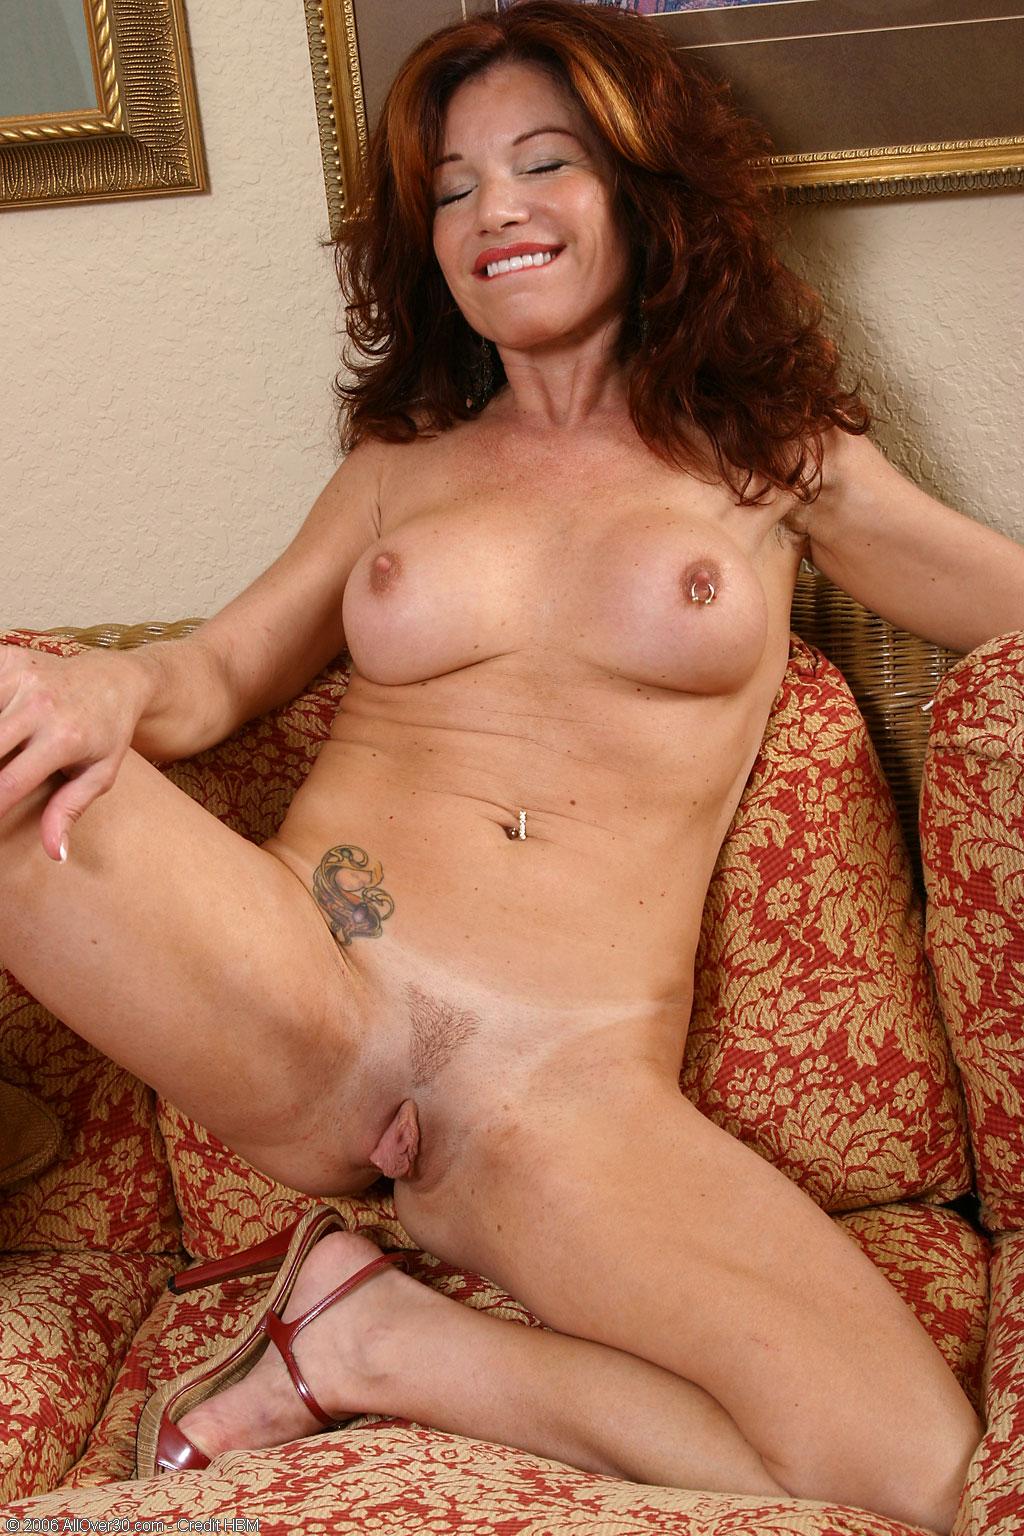 Jacqueline milf exotic position